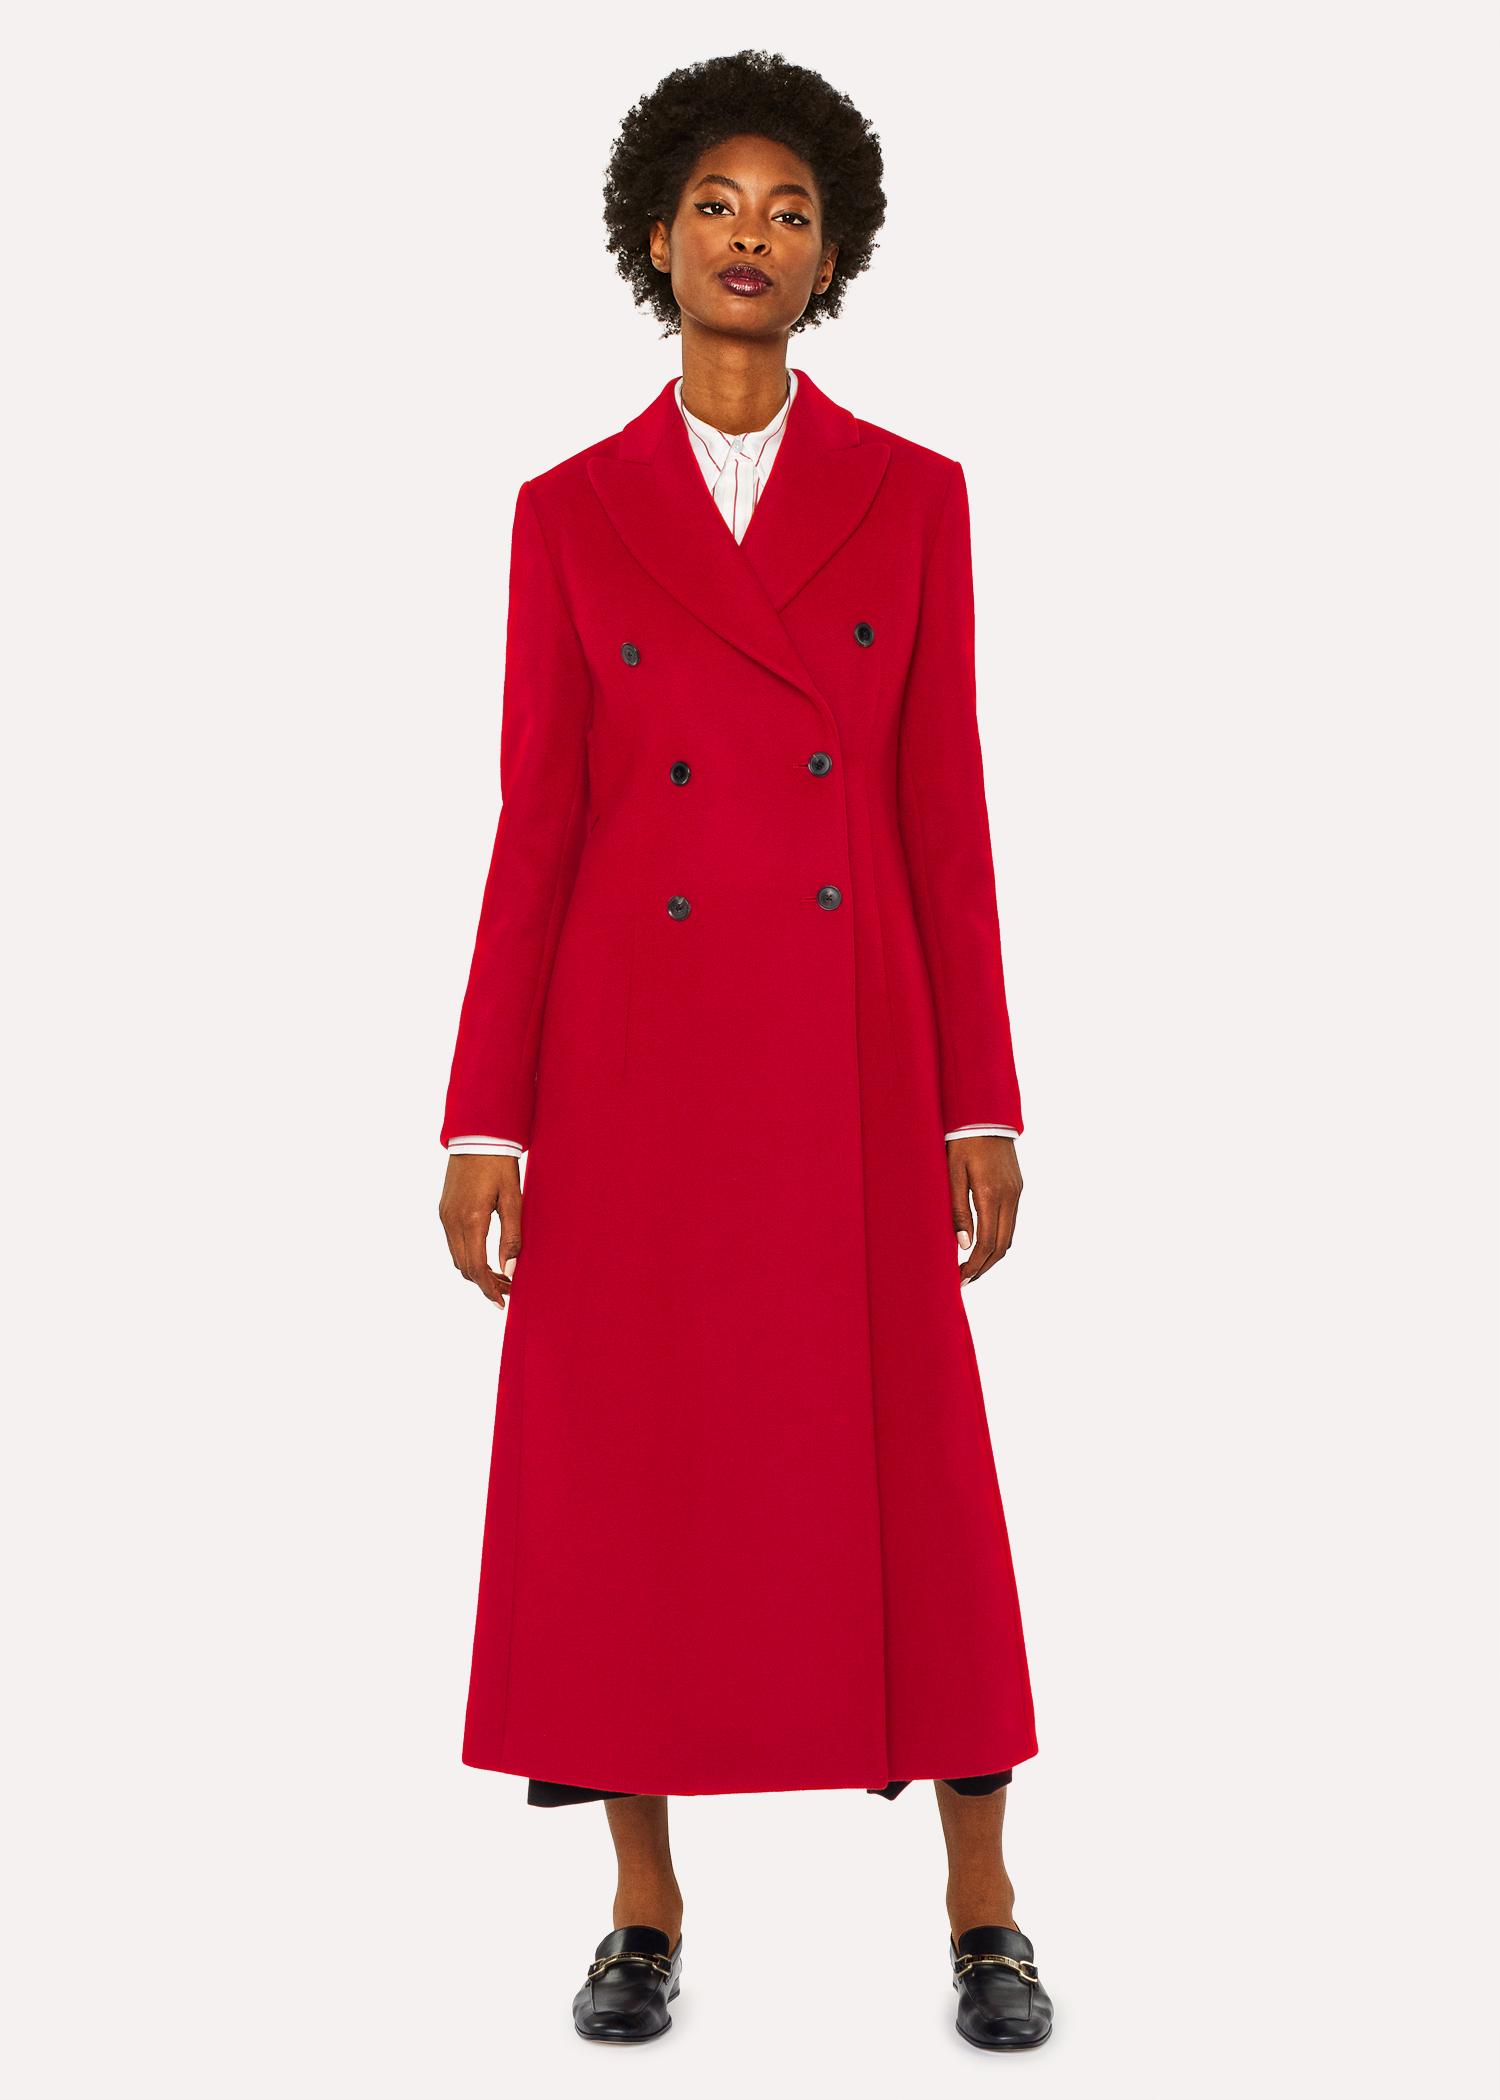 Rouge Manteau Femme Paul Long Laine Croisé Smith En Mélangée wgF4t